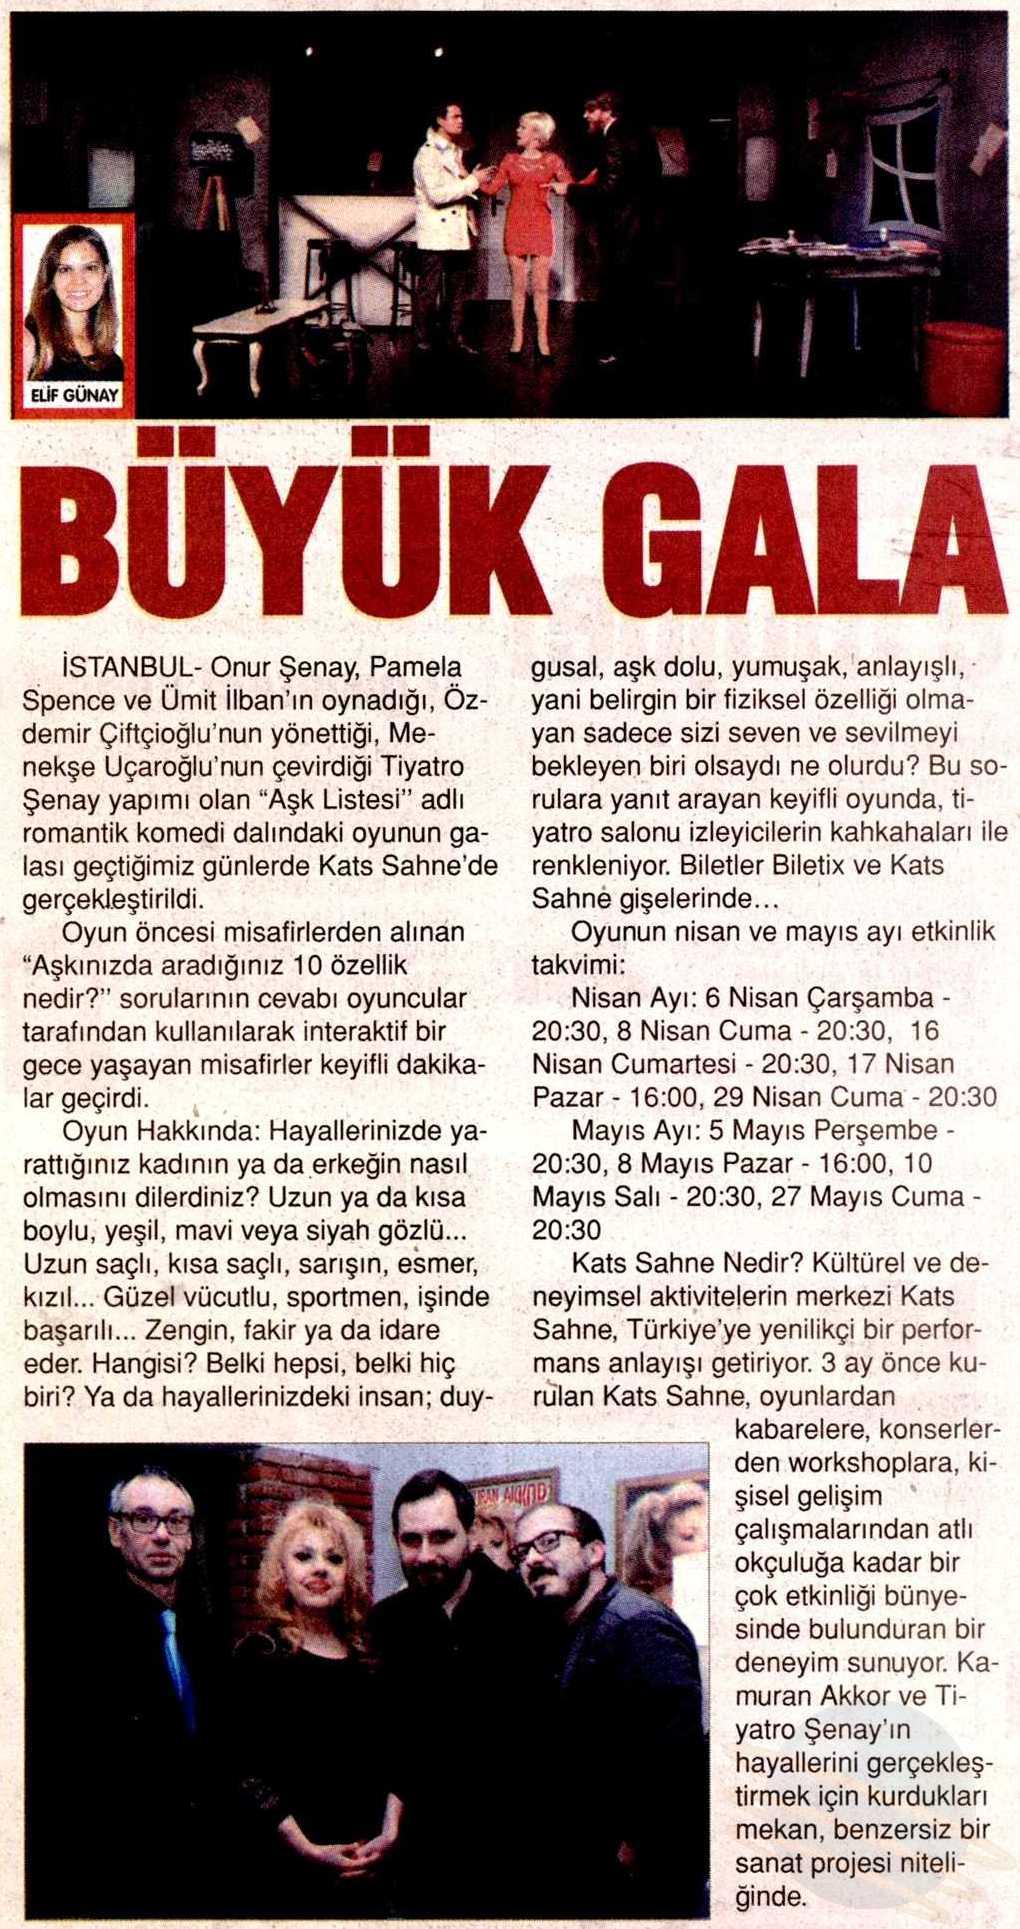 Özdemir Çiftçioğlu - Önce Vatan Gazetesi Haberi